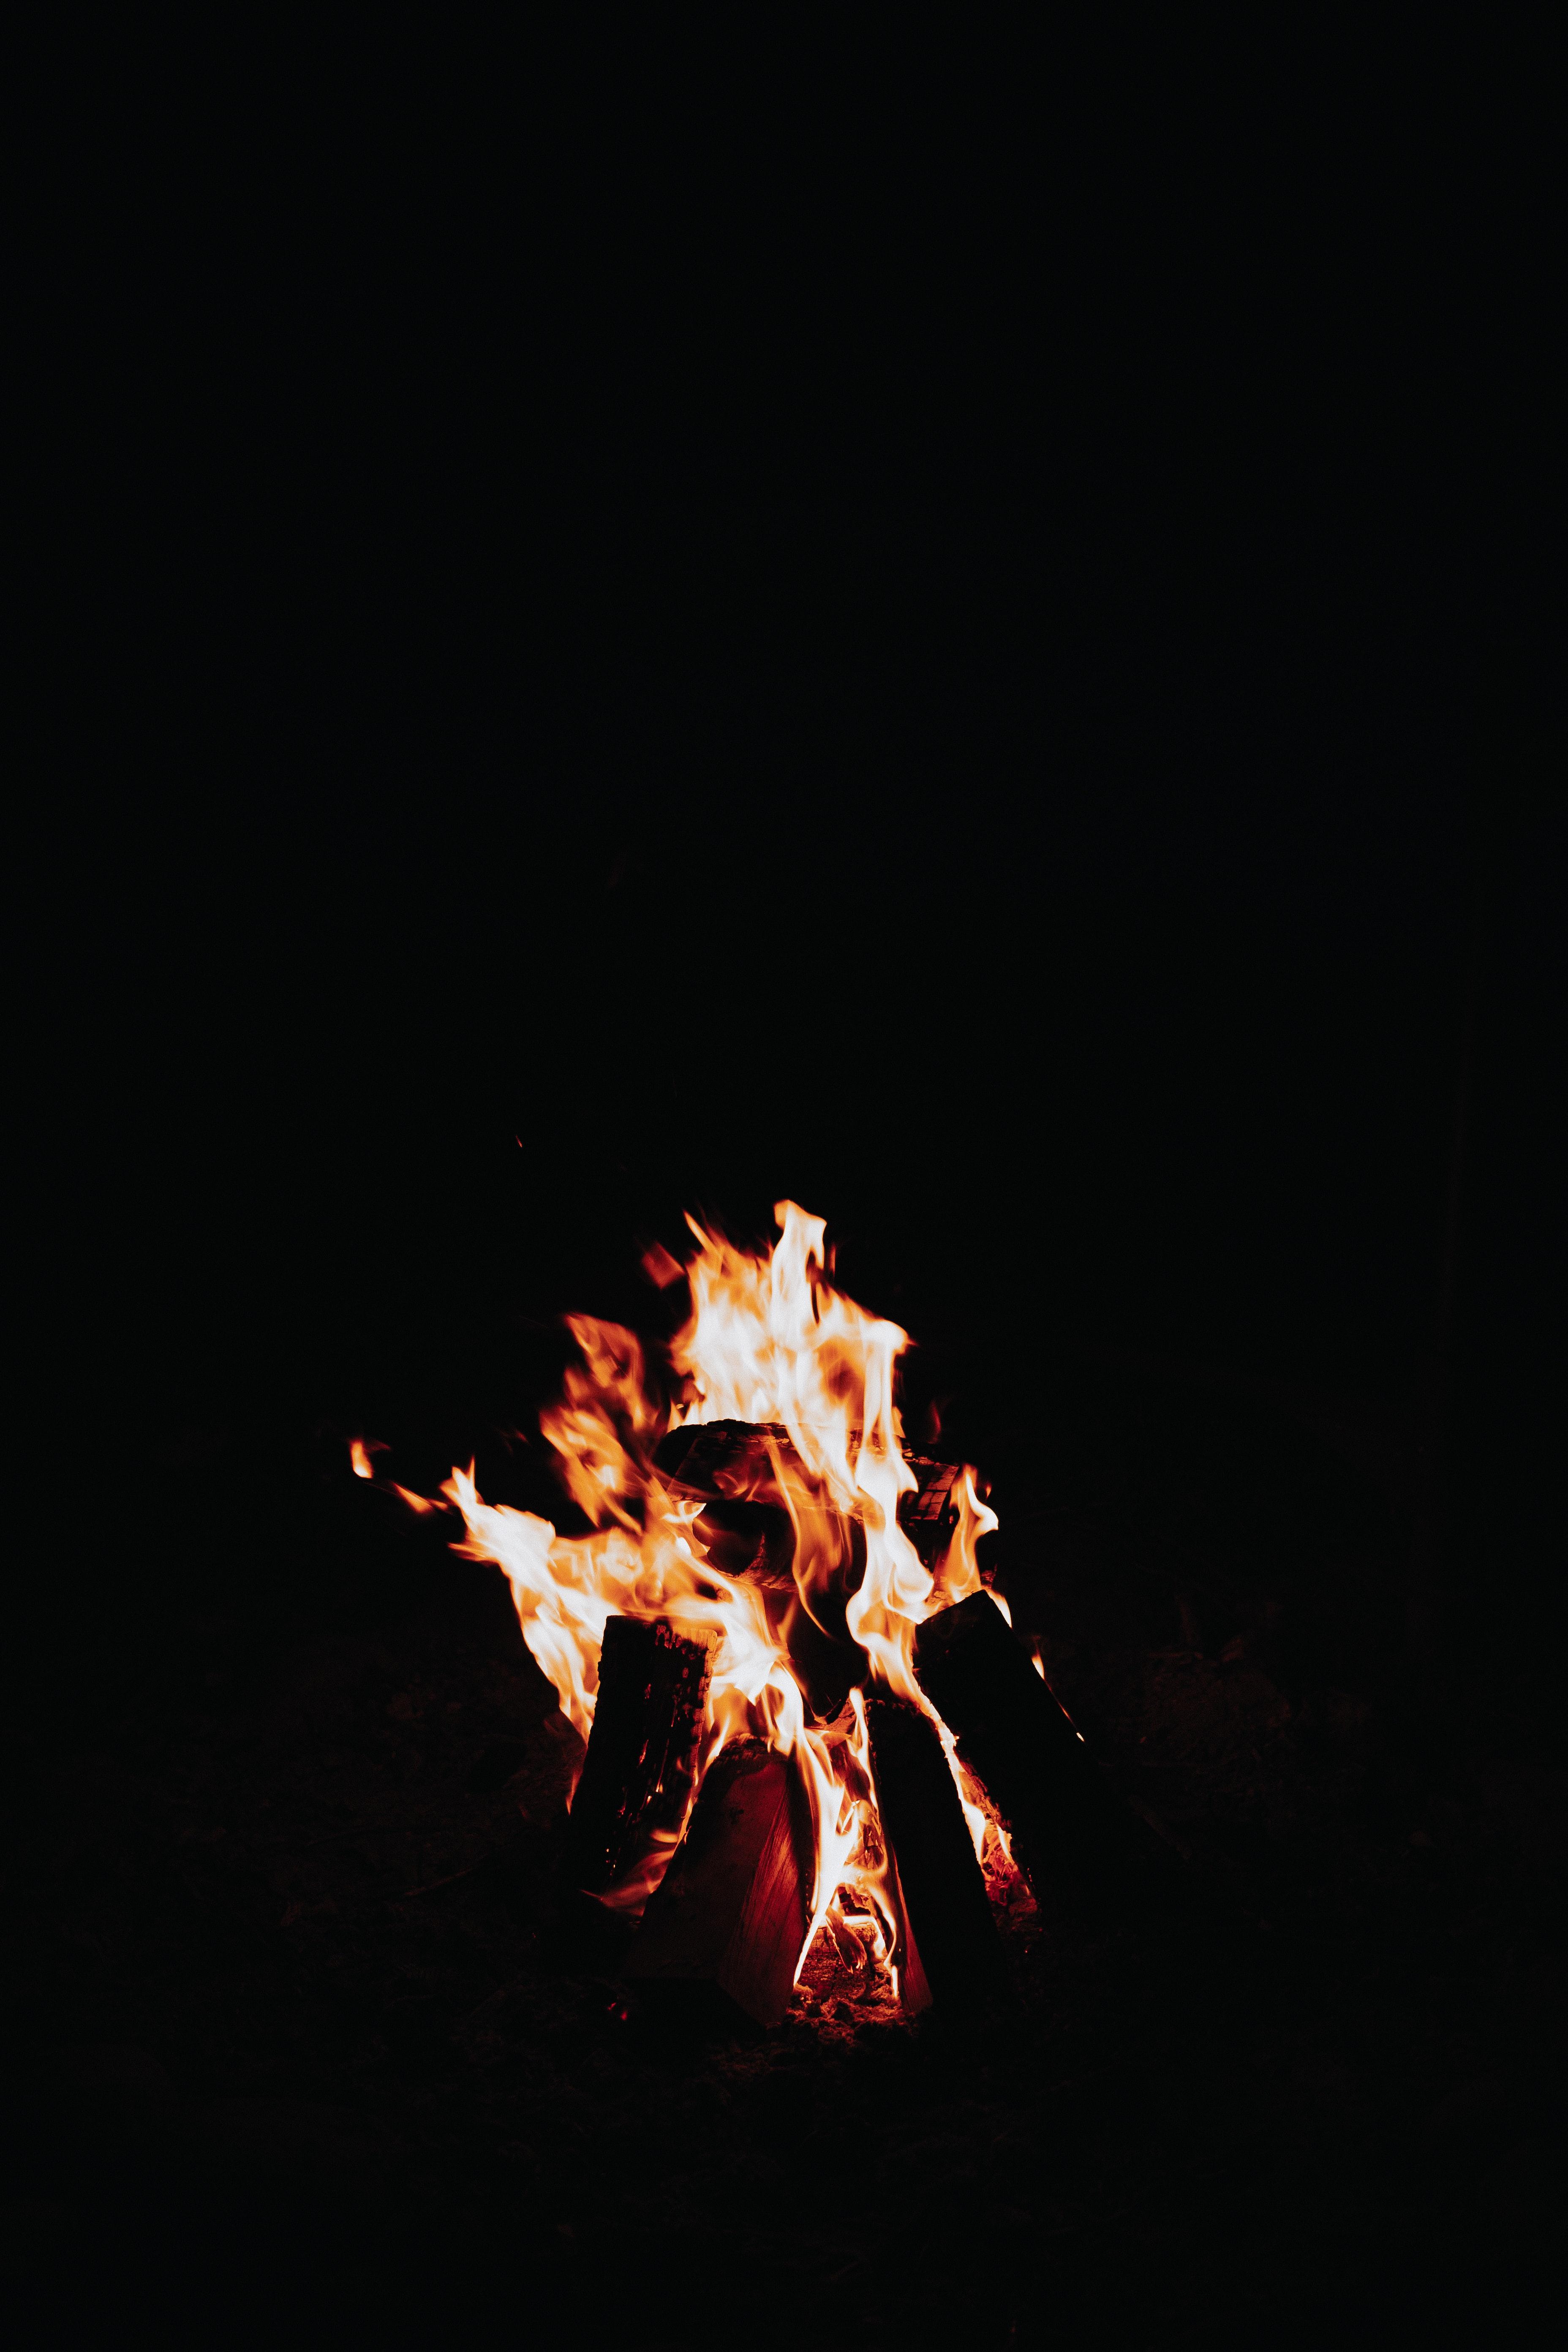 56057 免費下載壁紙 黑暗的, 黑暗, 火焰, 篝火, 火花, 火, 黑色的 屏保和圖片